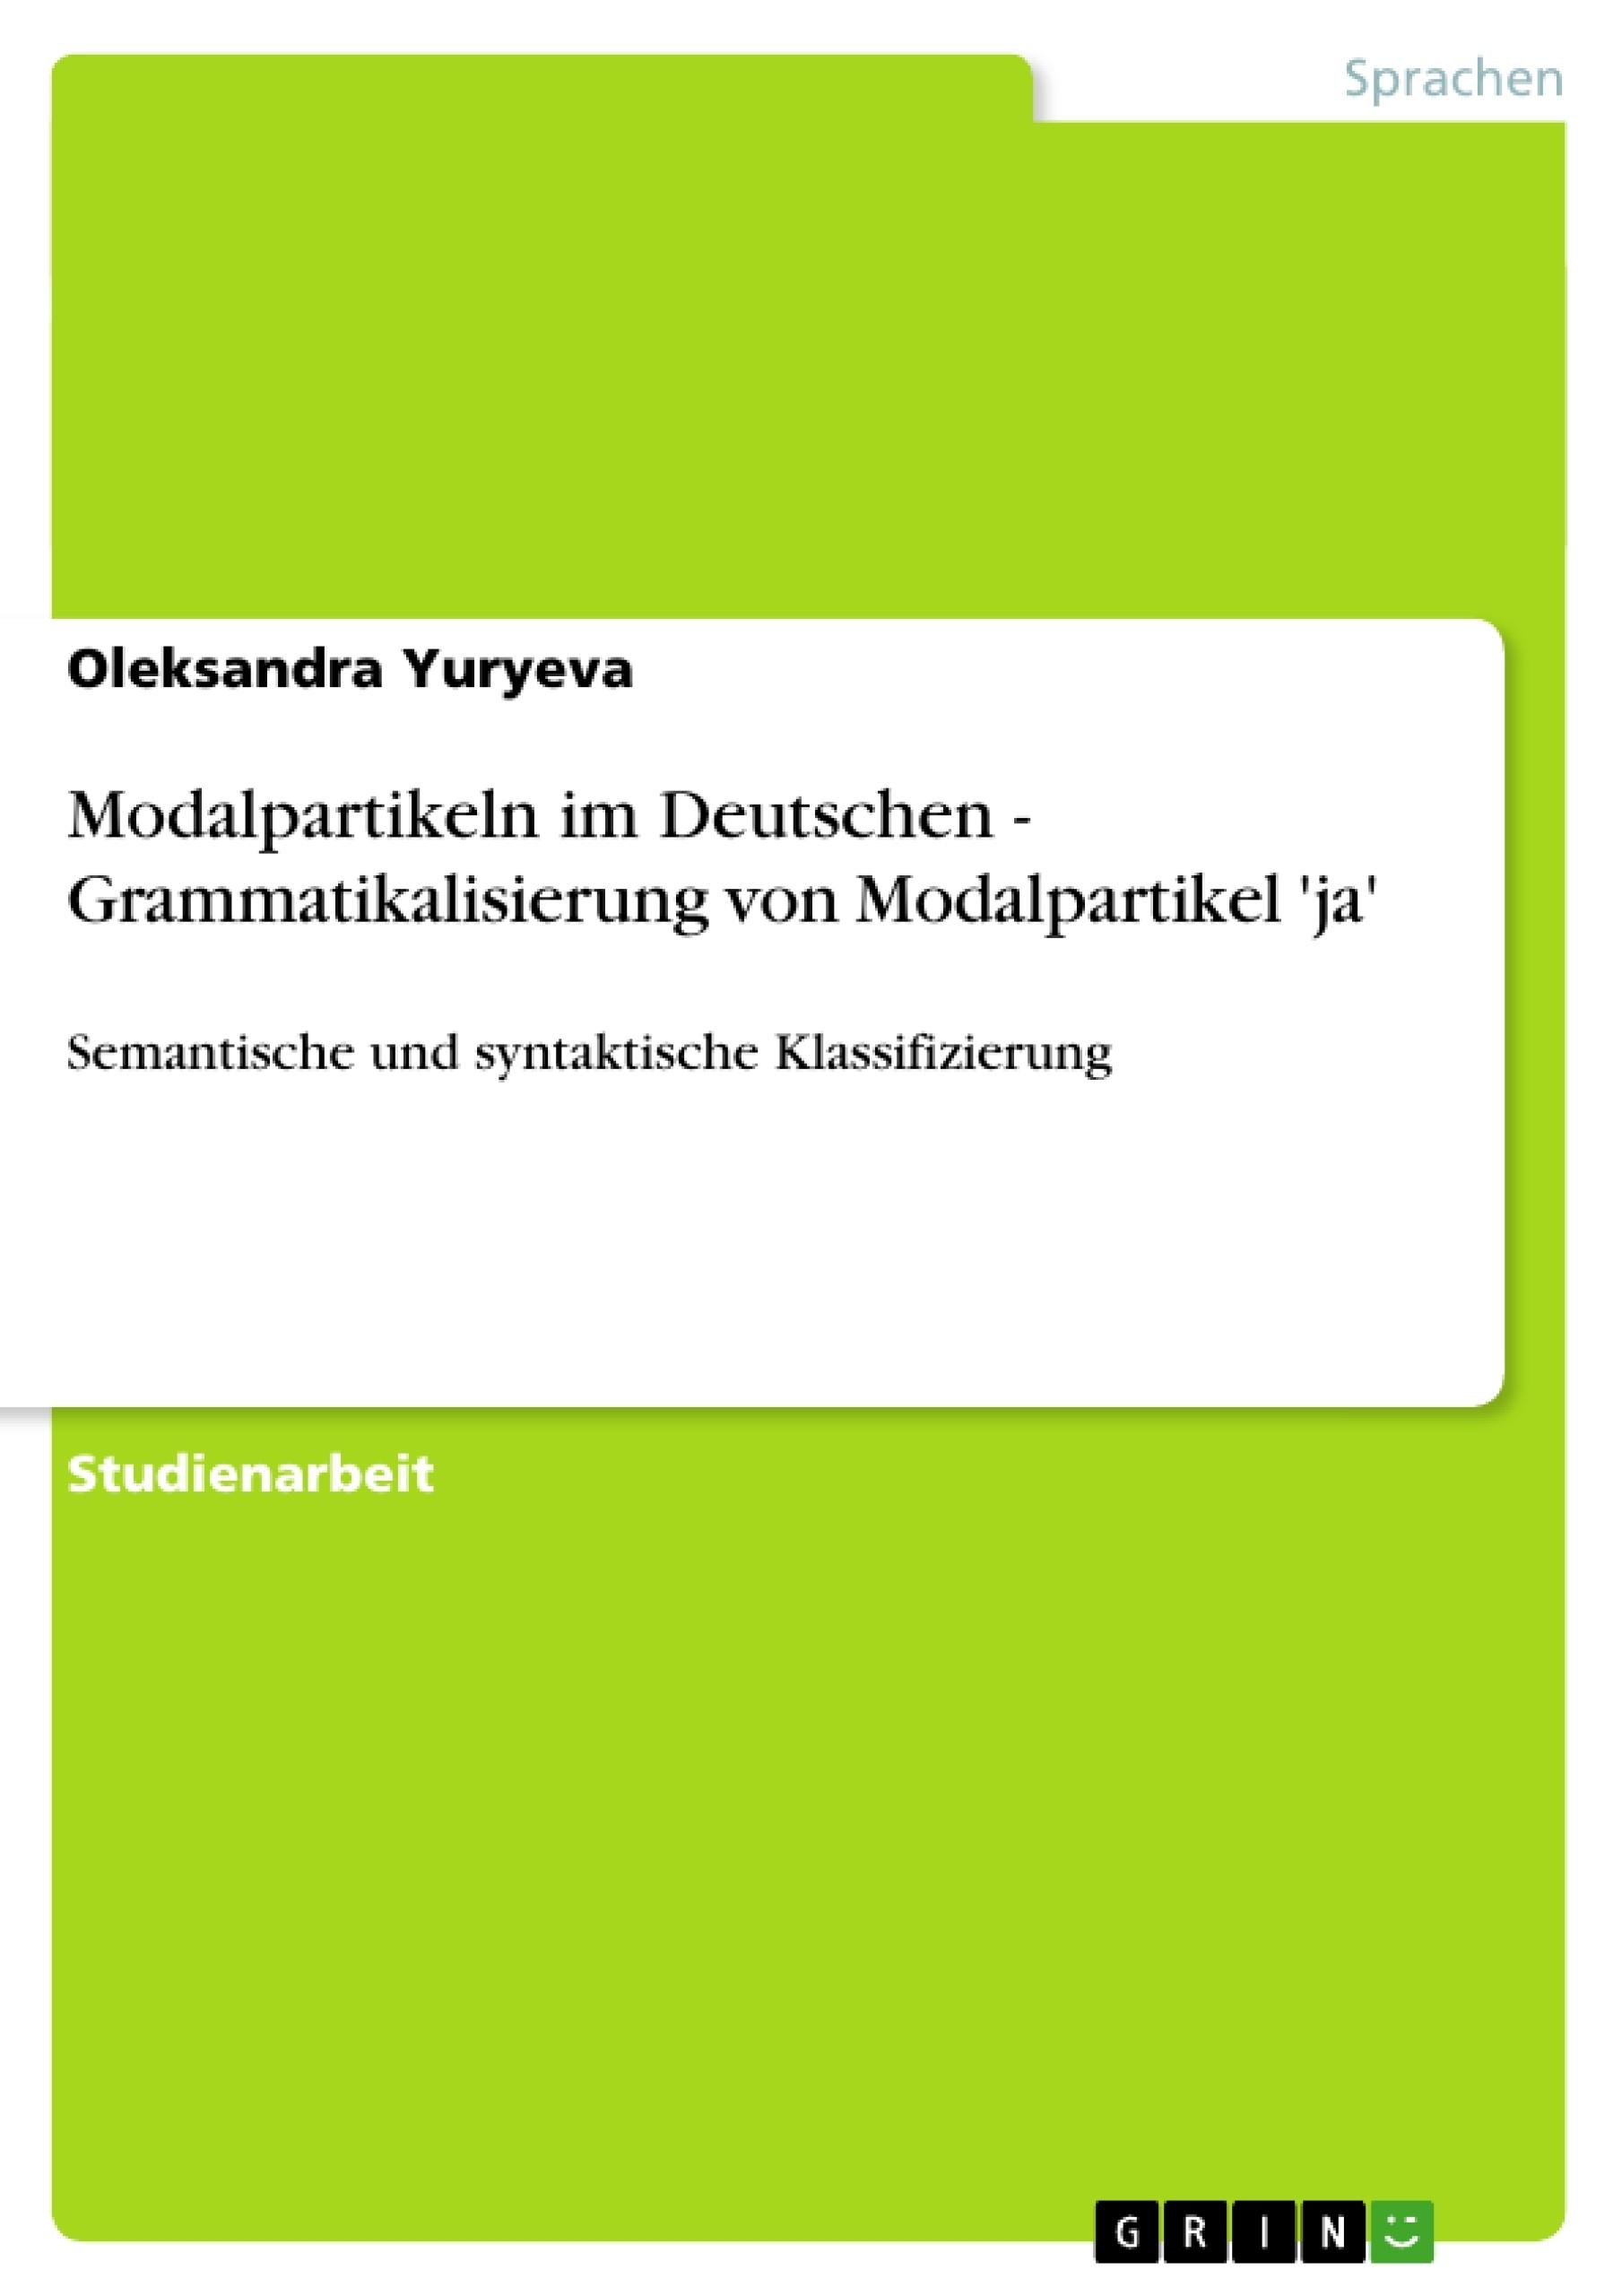 Titel: Modalpartikeln im Deutschen - Grammatikalisierung von Modalpartikel 'ja'